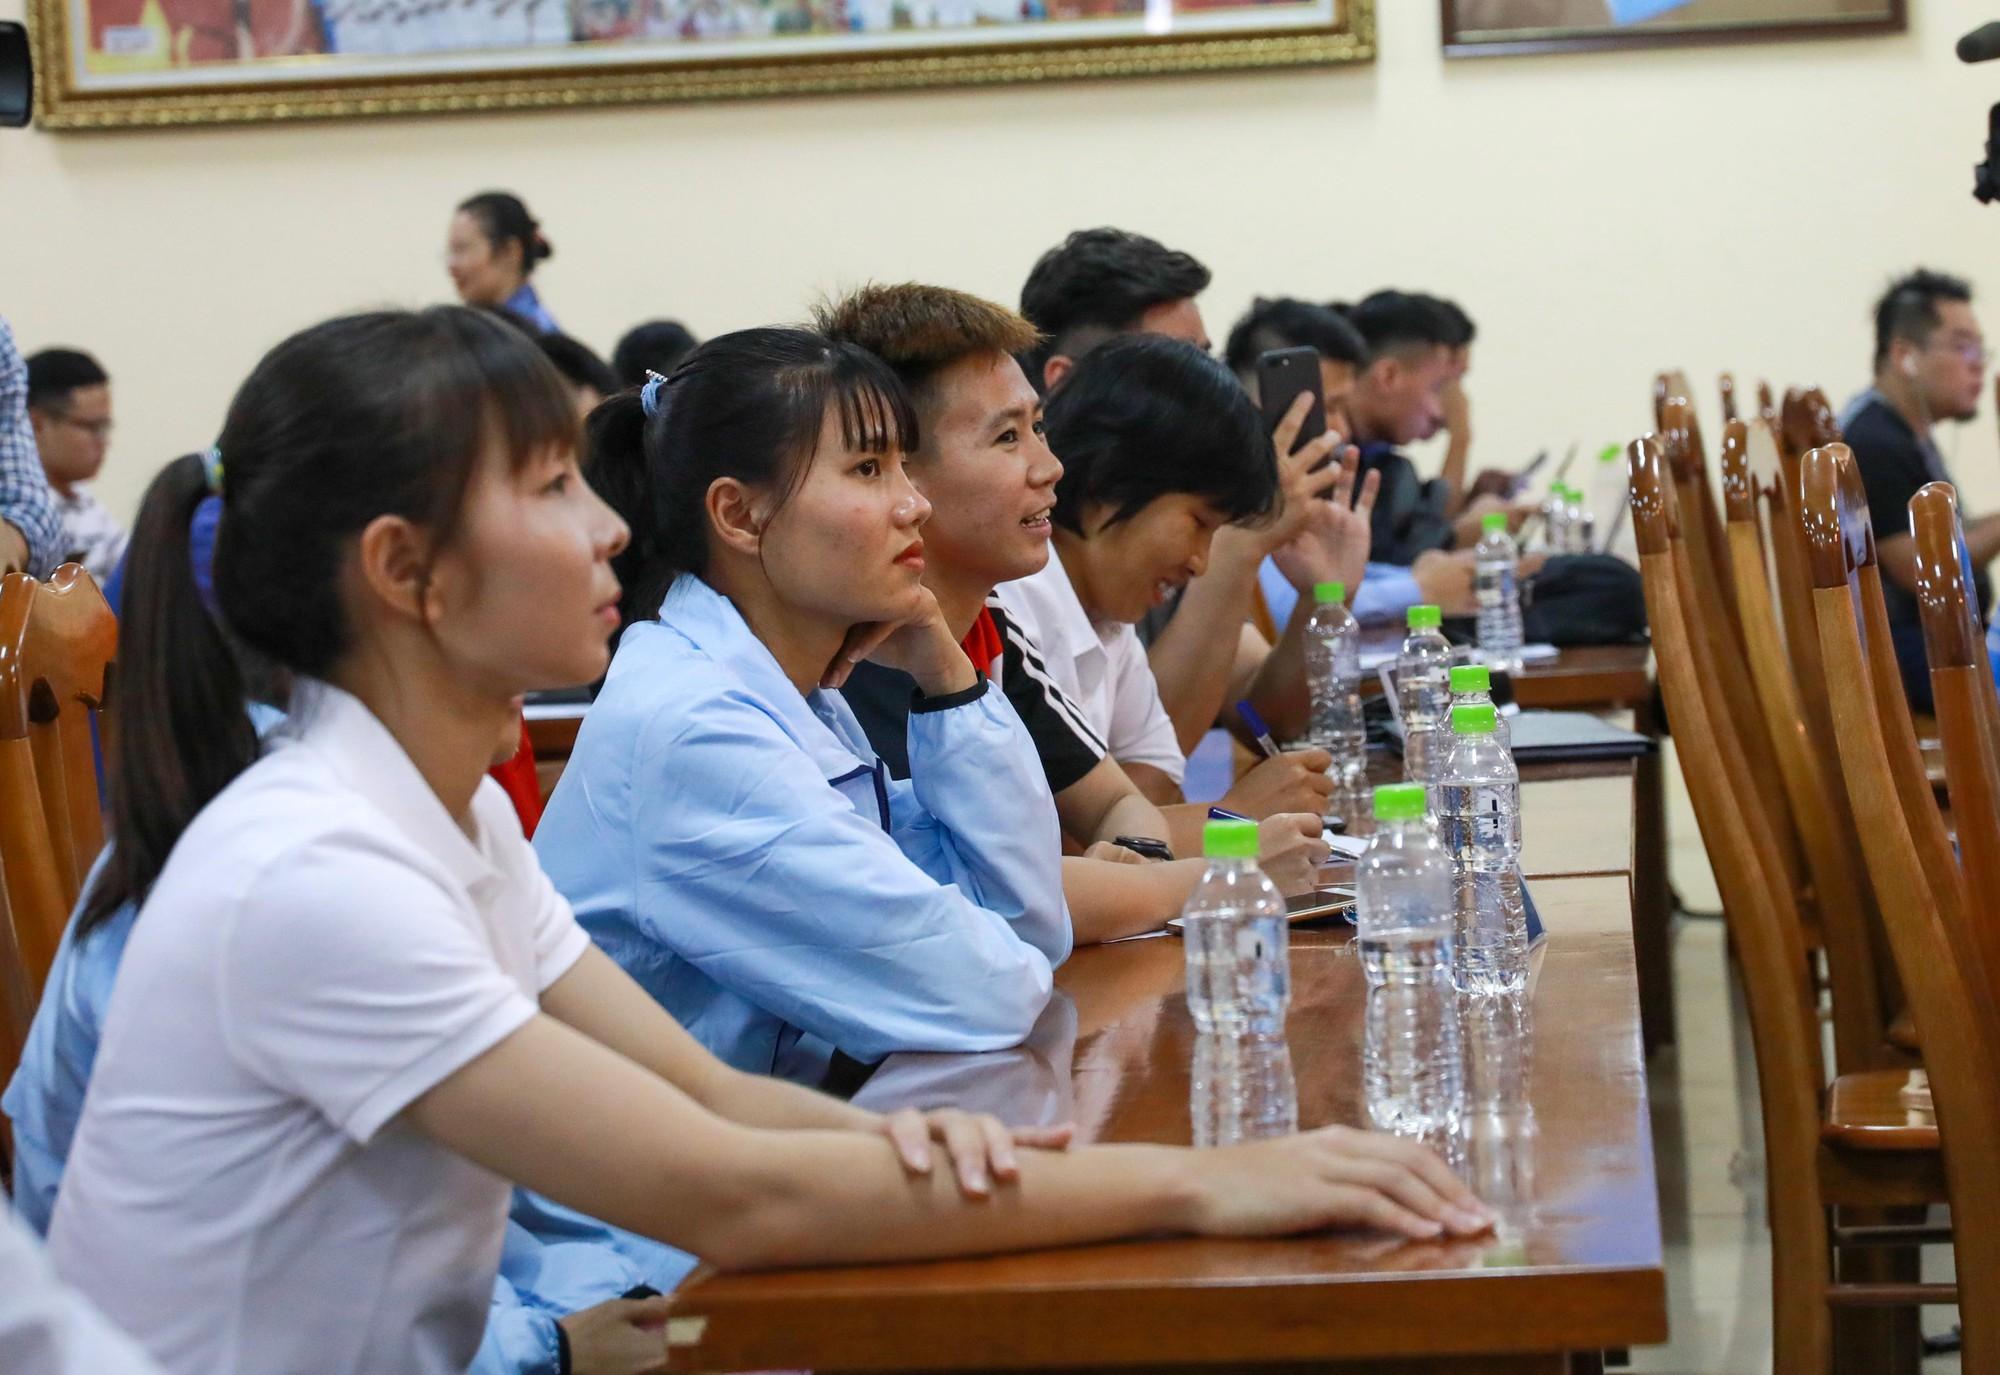 7 đội bóng sẽ tham gia tranh tài tại giải bóng đá nữ VĐQG- Cup Thái Sơn Bắc - Ảnh 2.